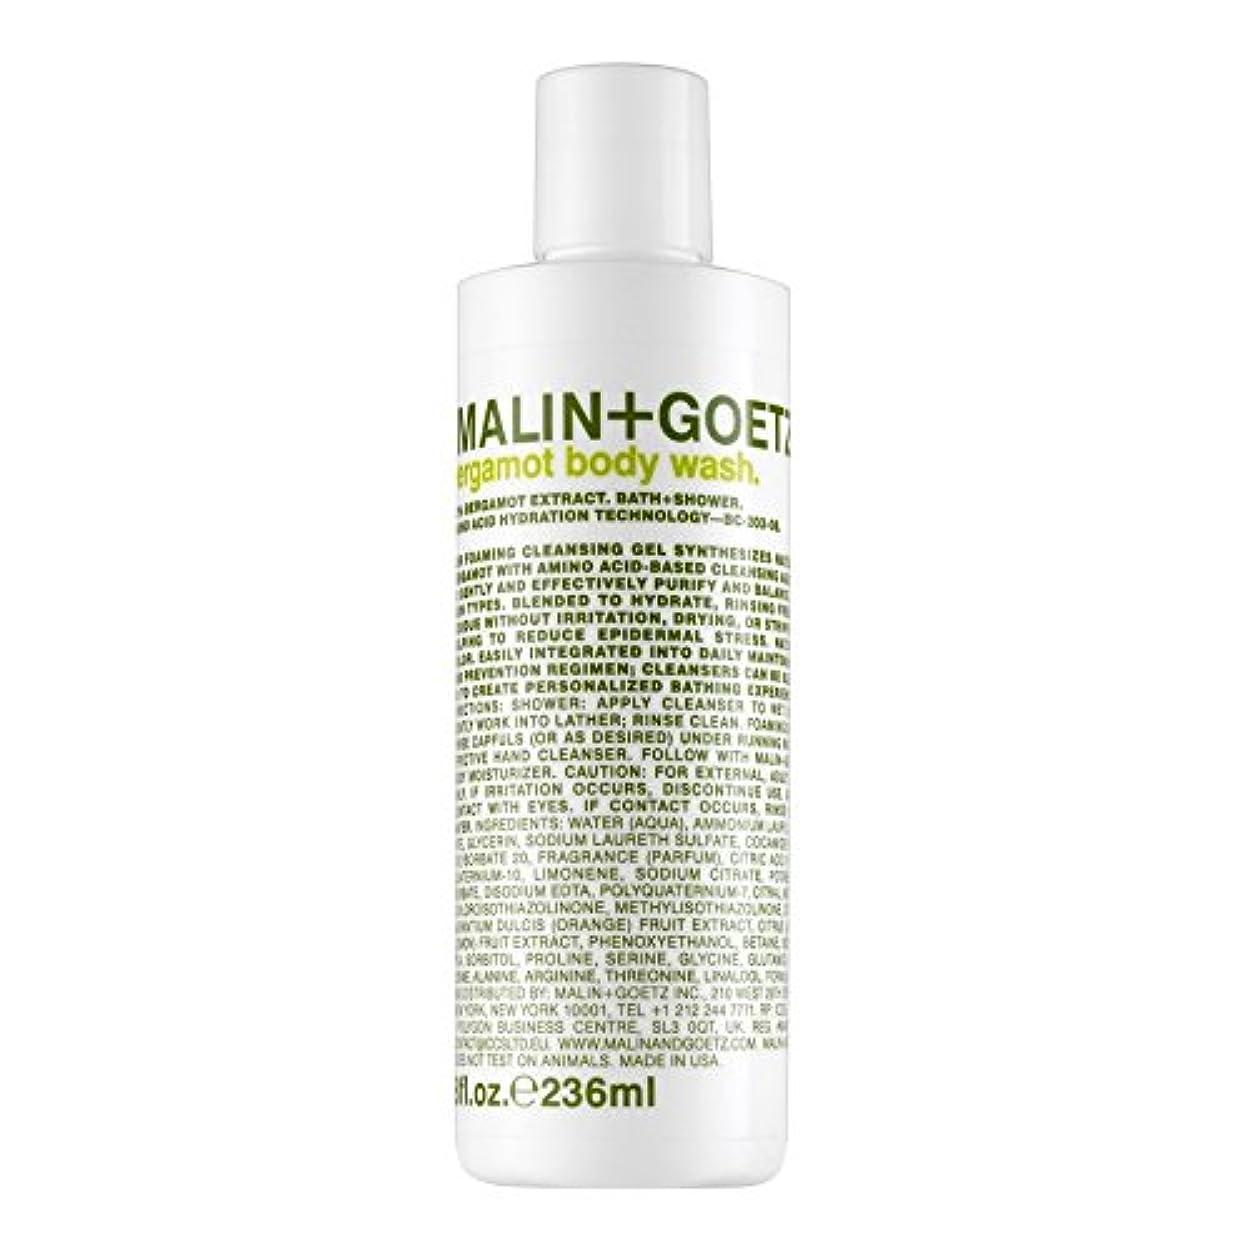 哲学者革新けん引MALIN+GOETZ Bergamot Body Wash - マリン+ゲッツベルガモットボディウォッシュ [並行輸入品]